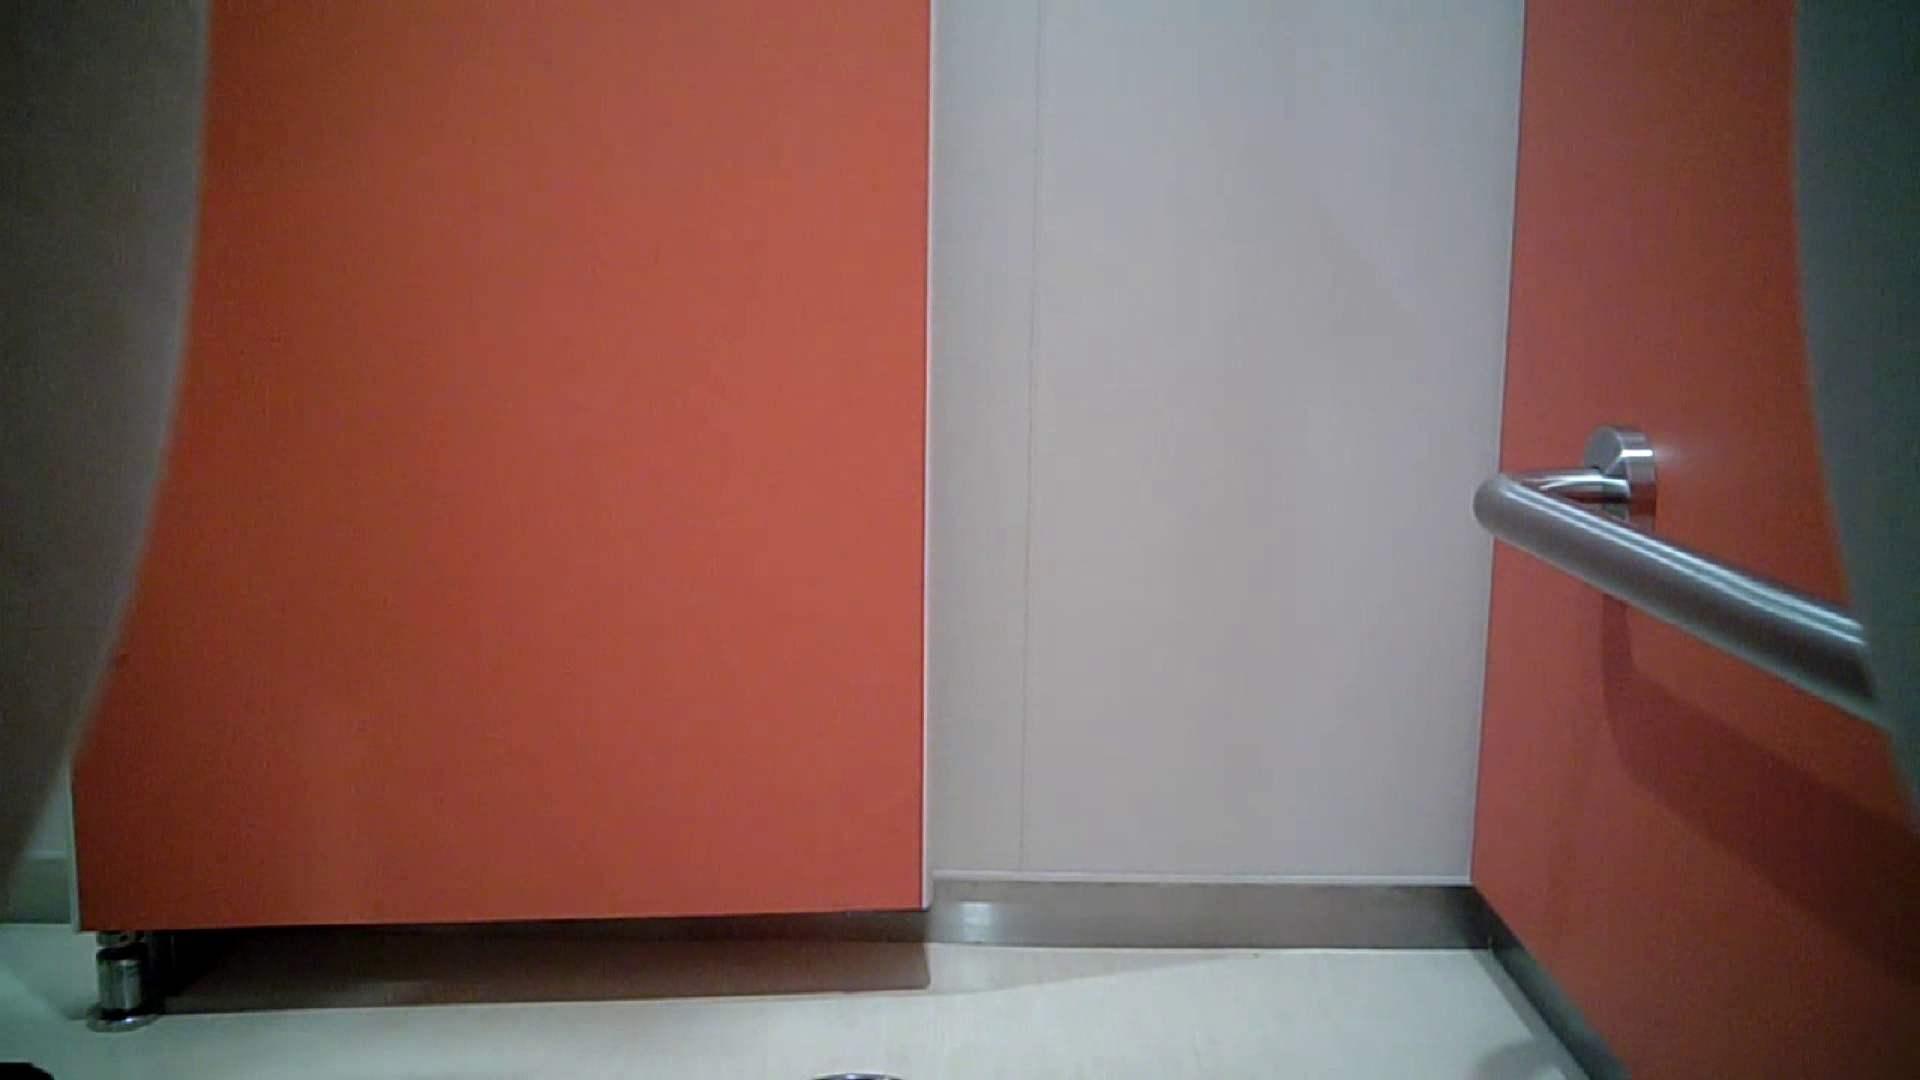 痴態洗面所 Vol.02 マスクが邪魔なんですよ。マスクが・・・。 洗面所  110Pix 48